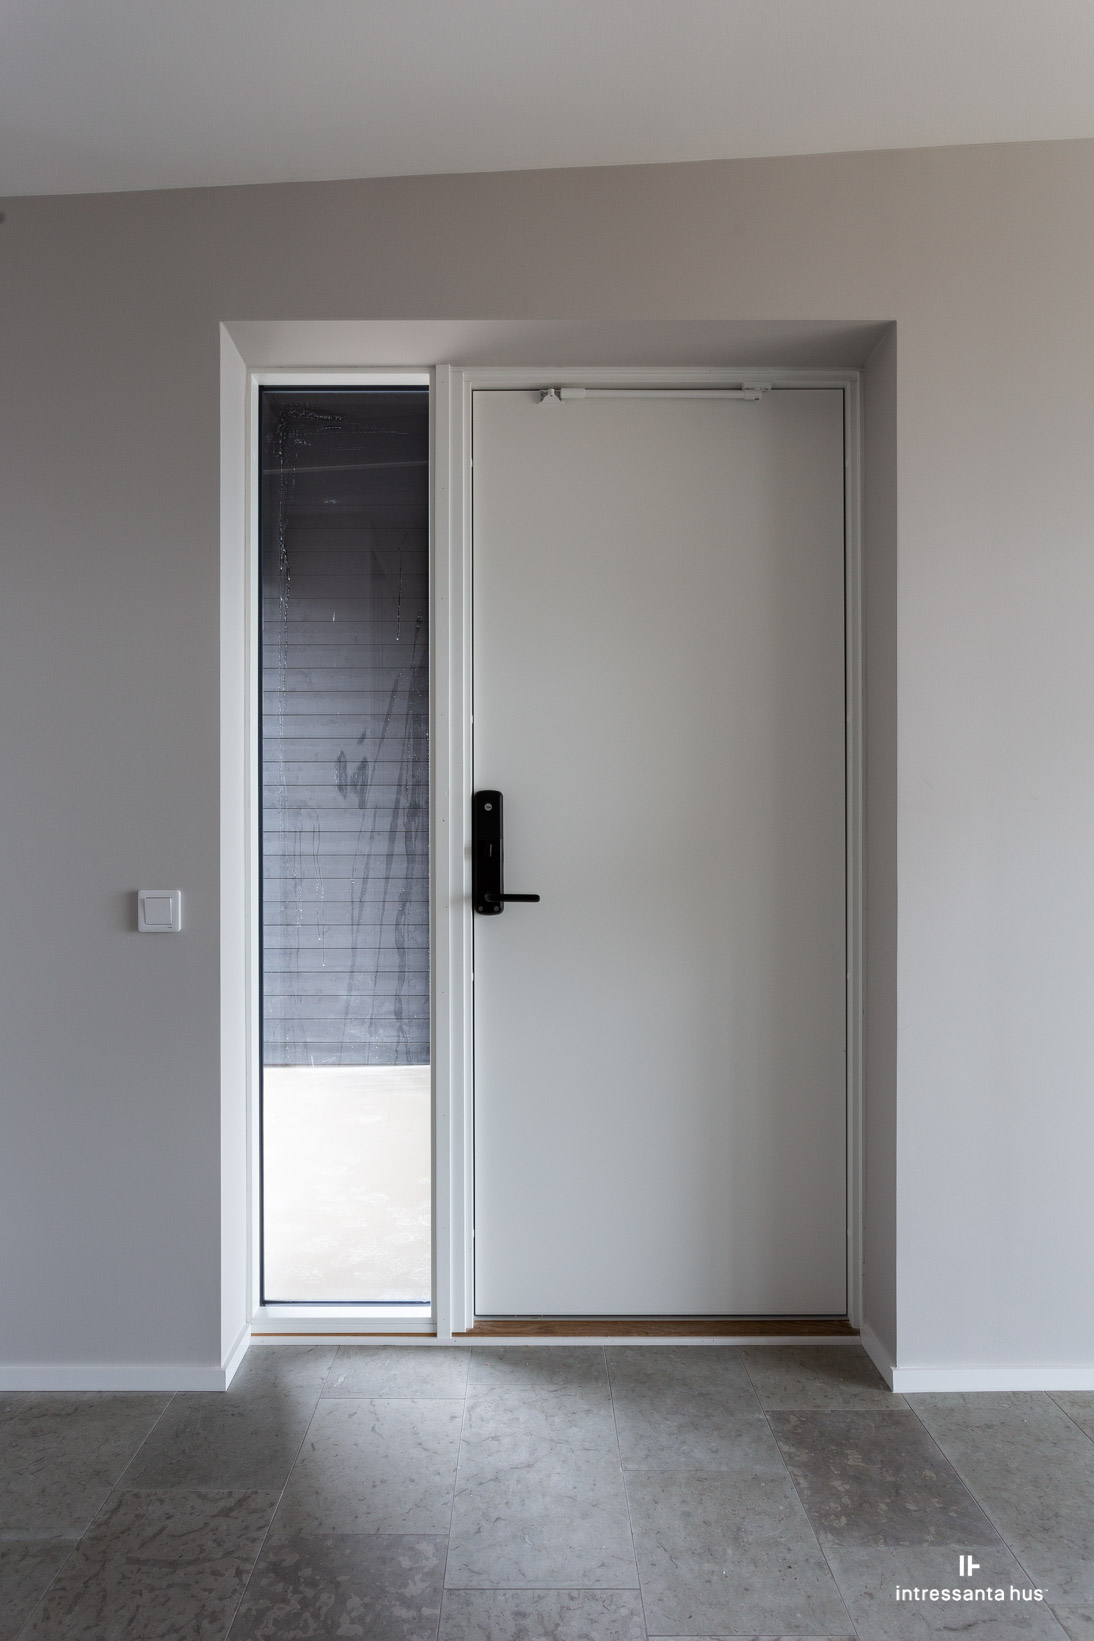 intressantahus-norburg-008